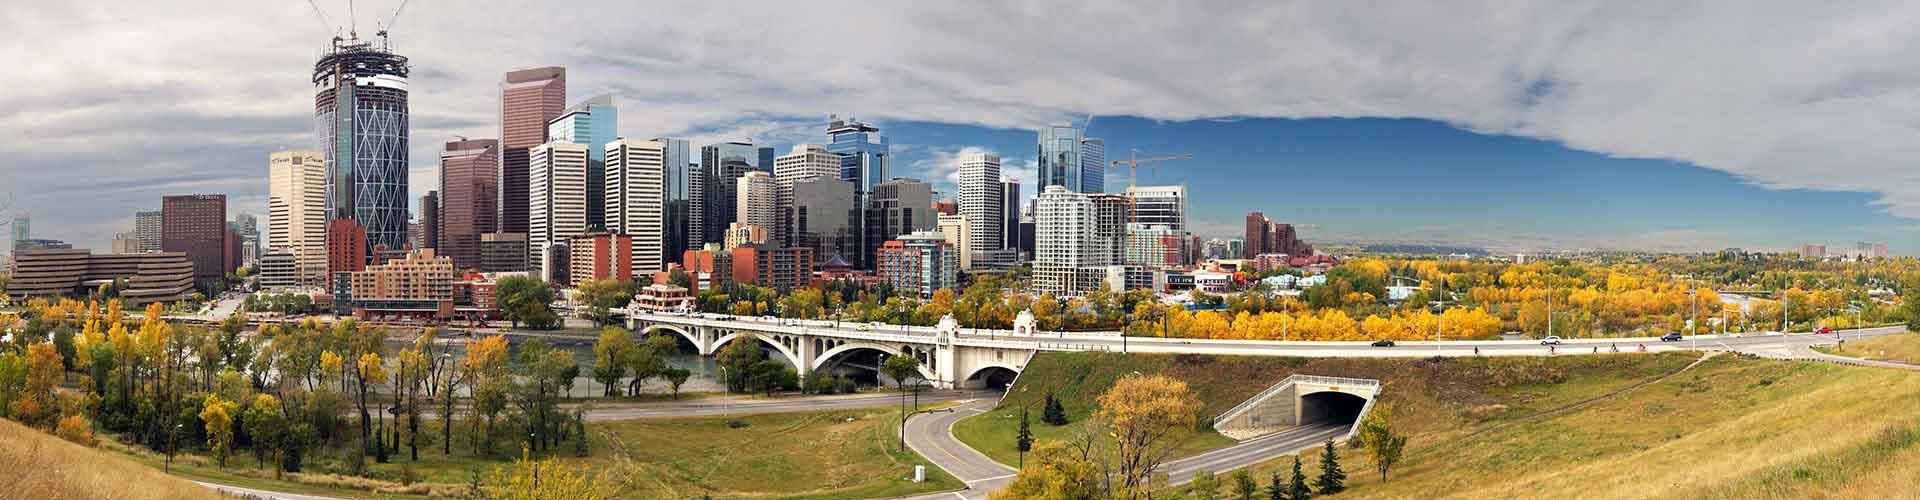 Calgary - Chambres pas chères dans le quartier de Evanston. Cartes pour Calgary, photos et commentaires pour chaque chambre à Calgary.